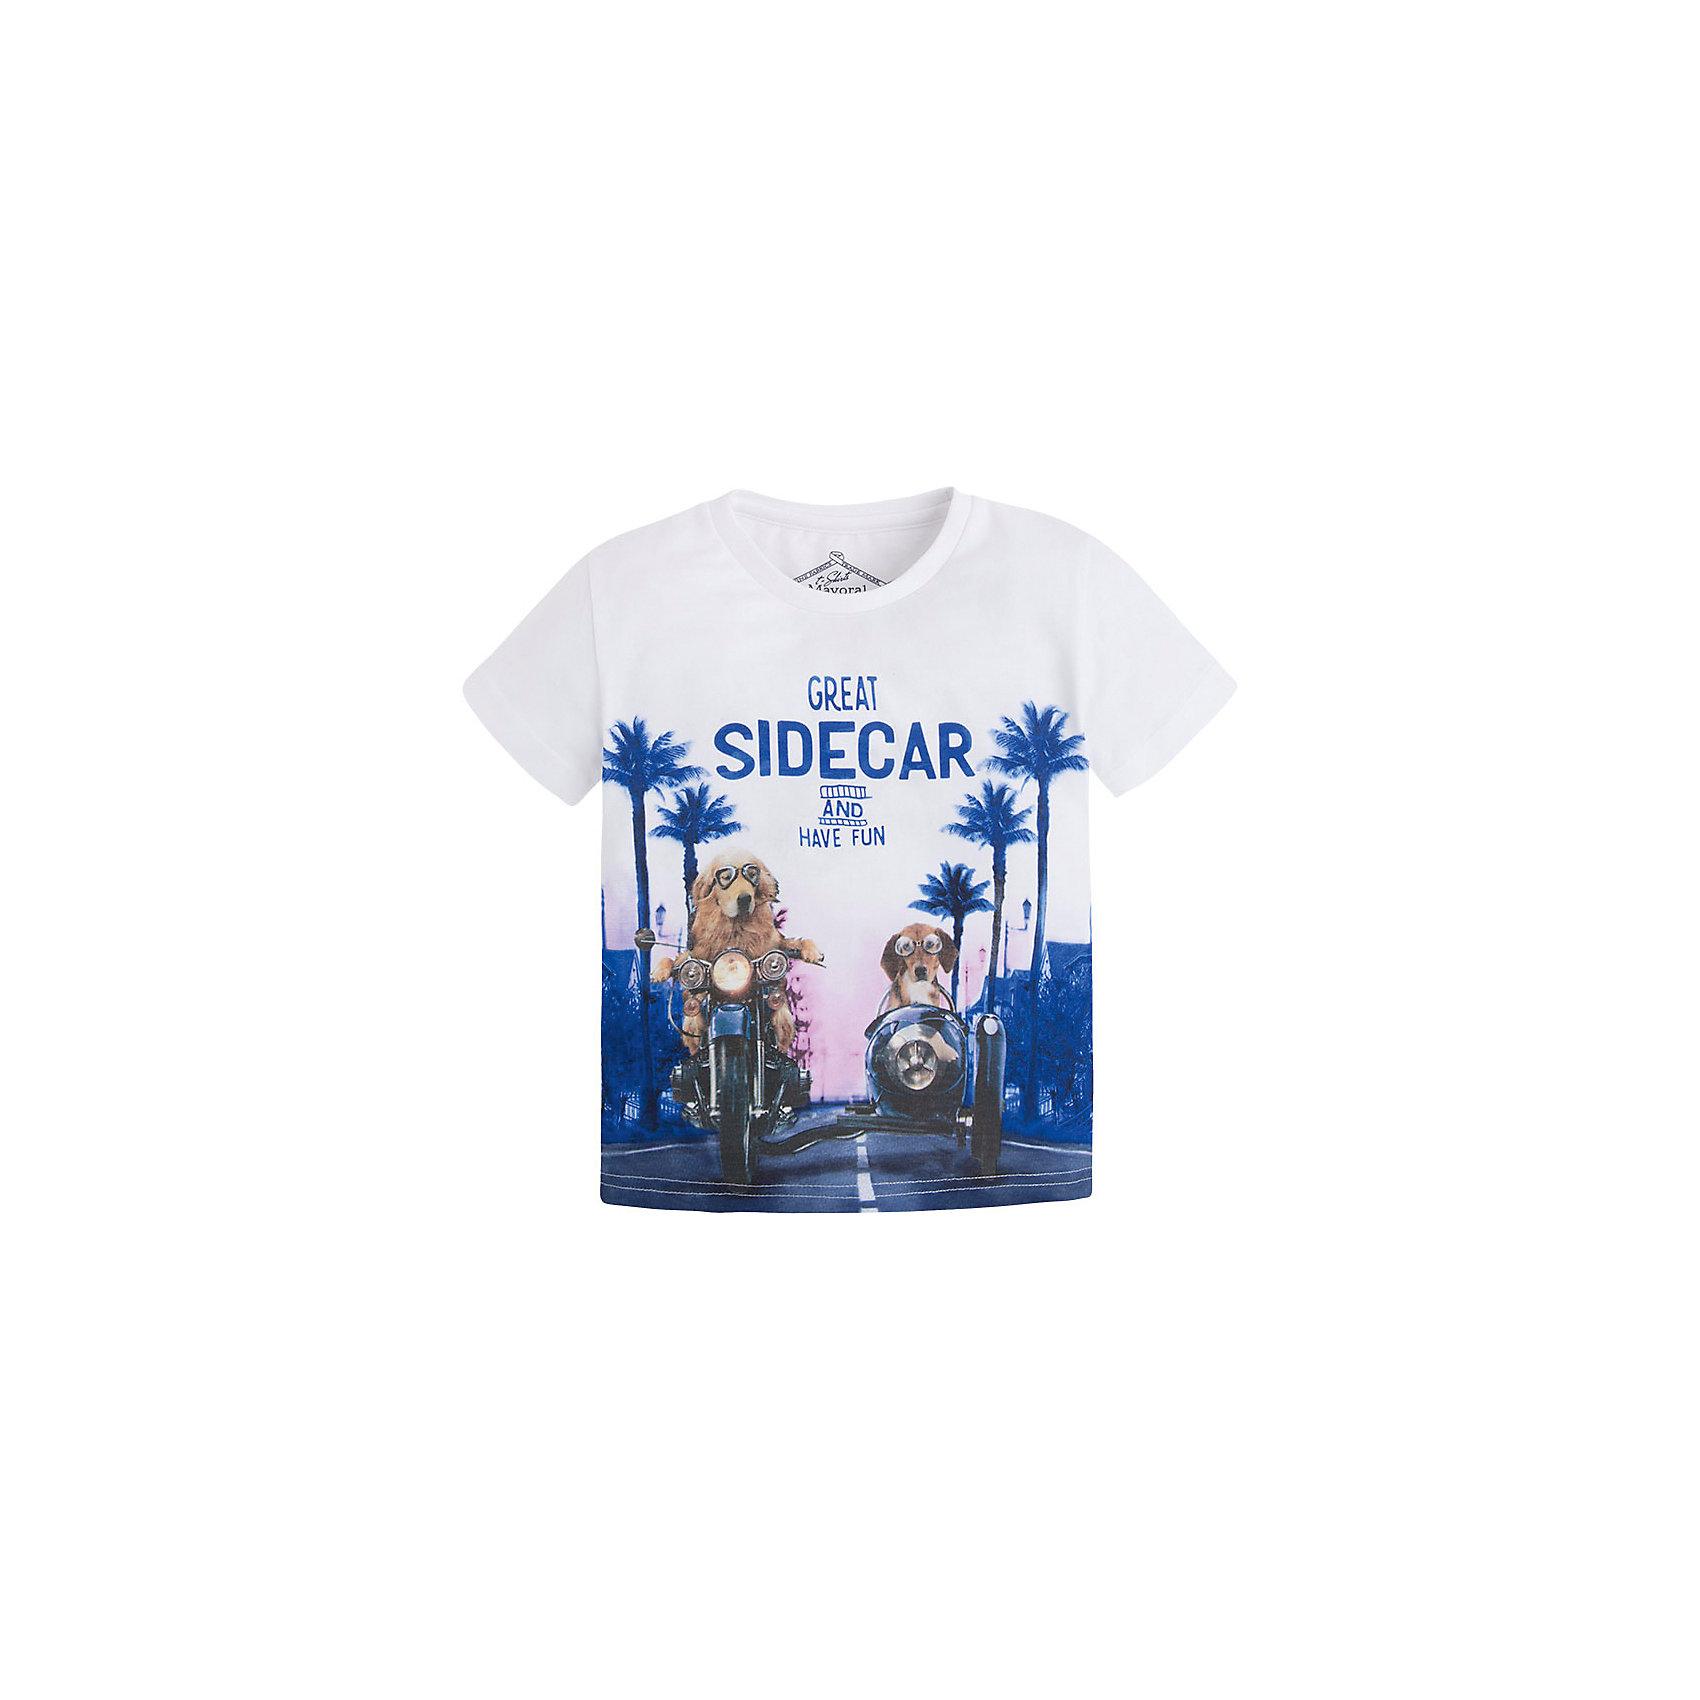 Футболка для мальчика MayoralФутболка для мальчика от известной испанской марки Mayoral <br><br>Модная футболка от Mayoral - отличный вариант одежды на каждый день! Она прекрасно сочетается с джинсами и шортами.  Модель выполнена из качественных материалов, отлично сидит по фигуре.<br><br>Особенности модели:<br><br>- цвет: синий, белый;<br>- рукава короткие;<br>- украшена принтом;<br>- натуральные материалы.<br><br>Дополнительная информация:<br><br>Состав: 100% хлопок<br><br>Футболку для мальчика Mayoral (Майорал) можно купить в нашем магазине.<br><br>Ширина мм: 199<br>Глубина мм: 10<br>Высота мм: 161<br>Вес г: 151<br>Цвет: белый<br>Возраст от месяцев: 96<br>Возраст до месяцев: 108<br>Пол: Мужской<br>Возраст: Детский<br>Размер: 92,128,110,98,104,116,122,134<br>SKU: 4541313